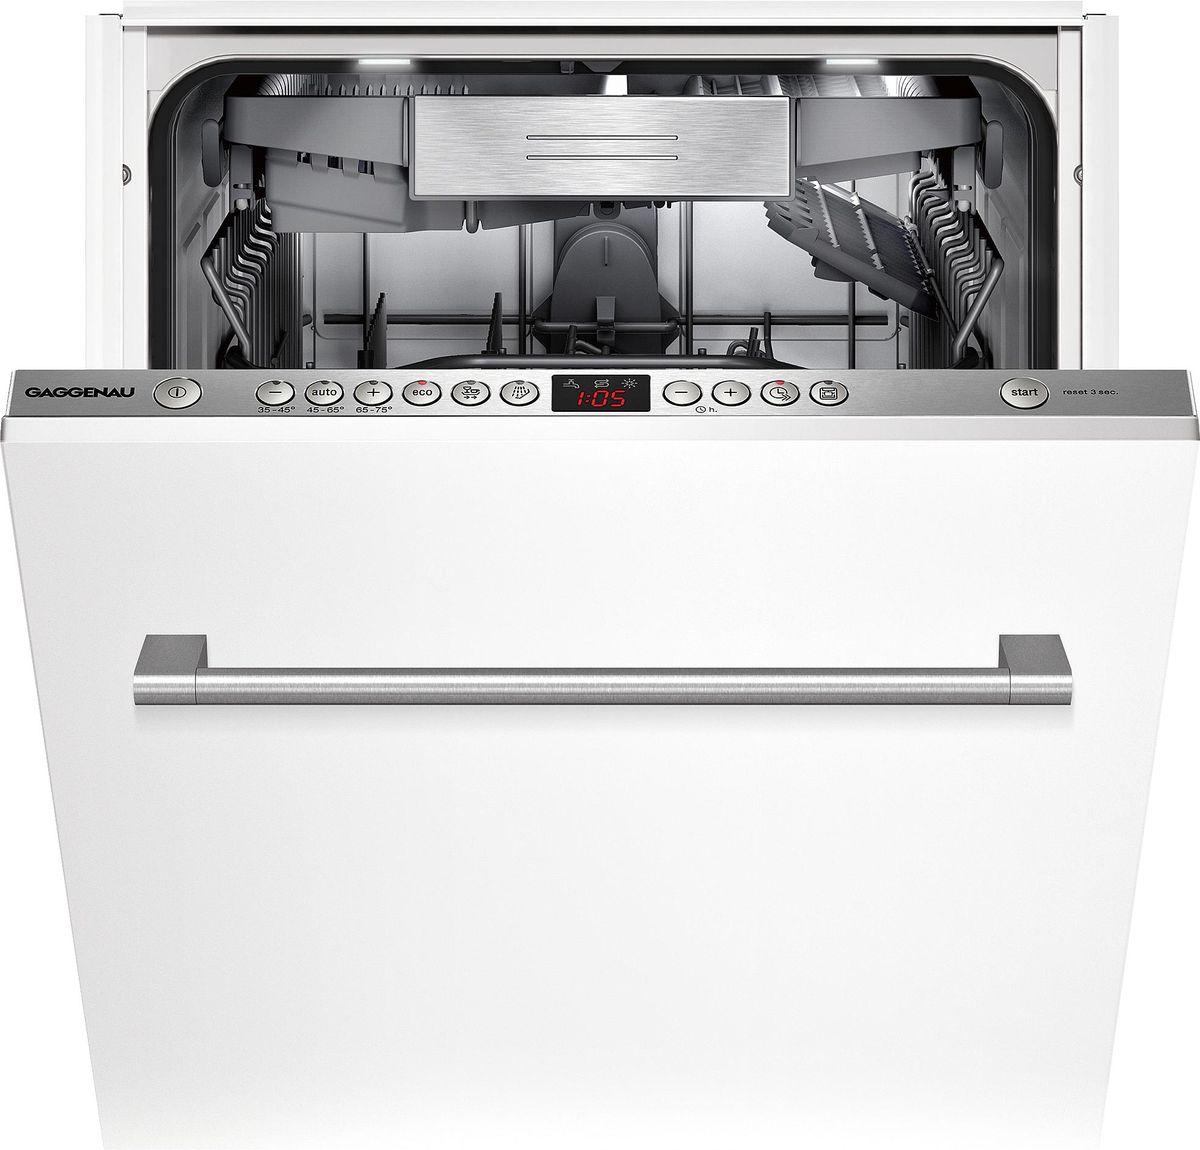 DF250141 Geschirrspüler Serie 200 Voll integrierbar Höhe 81.5 cm, Breite 45 cm – Bild 1